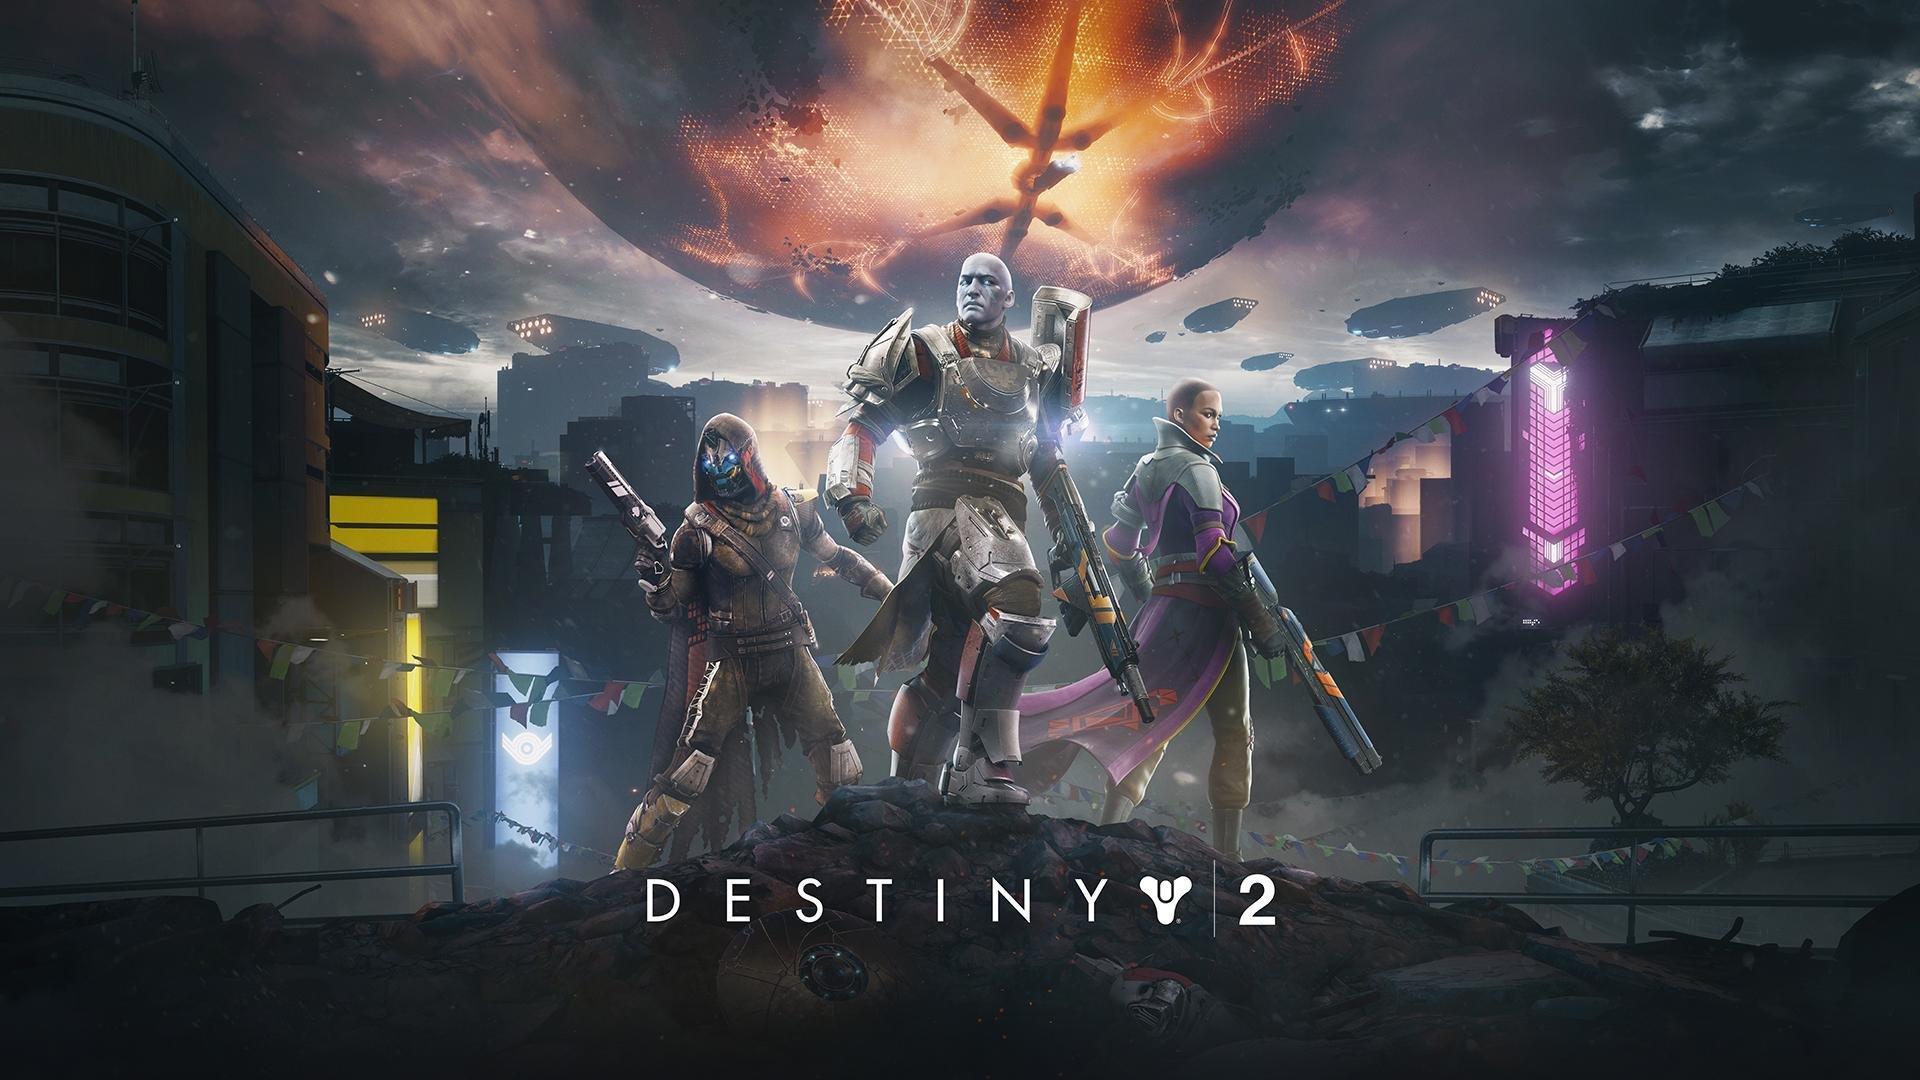 promo for destiny 2